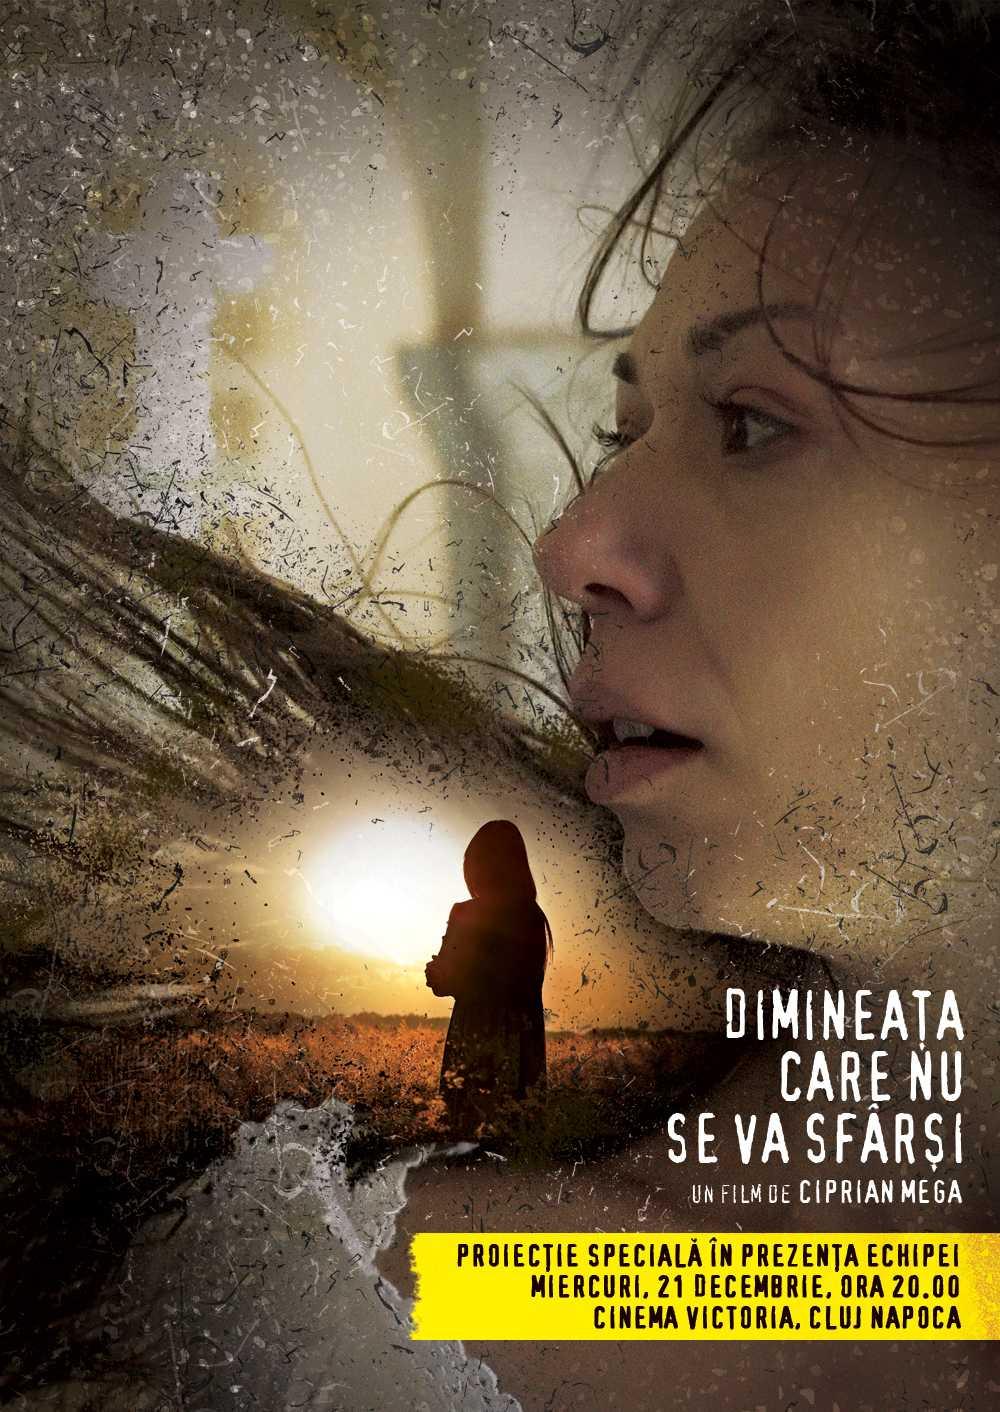 PREMIERA FILMULUI <i>&#8220;DIMINEATA CARE NU SE VA SFARSI&#8221;</i>, REALIZAT DE PR. CIPRIAN MEGA. Cluj, 21 decembrie (Video &#8211; Trailer)